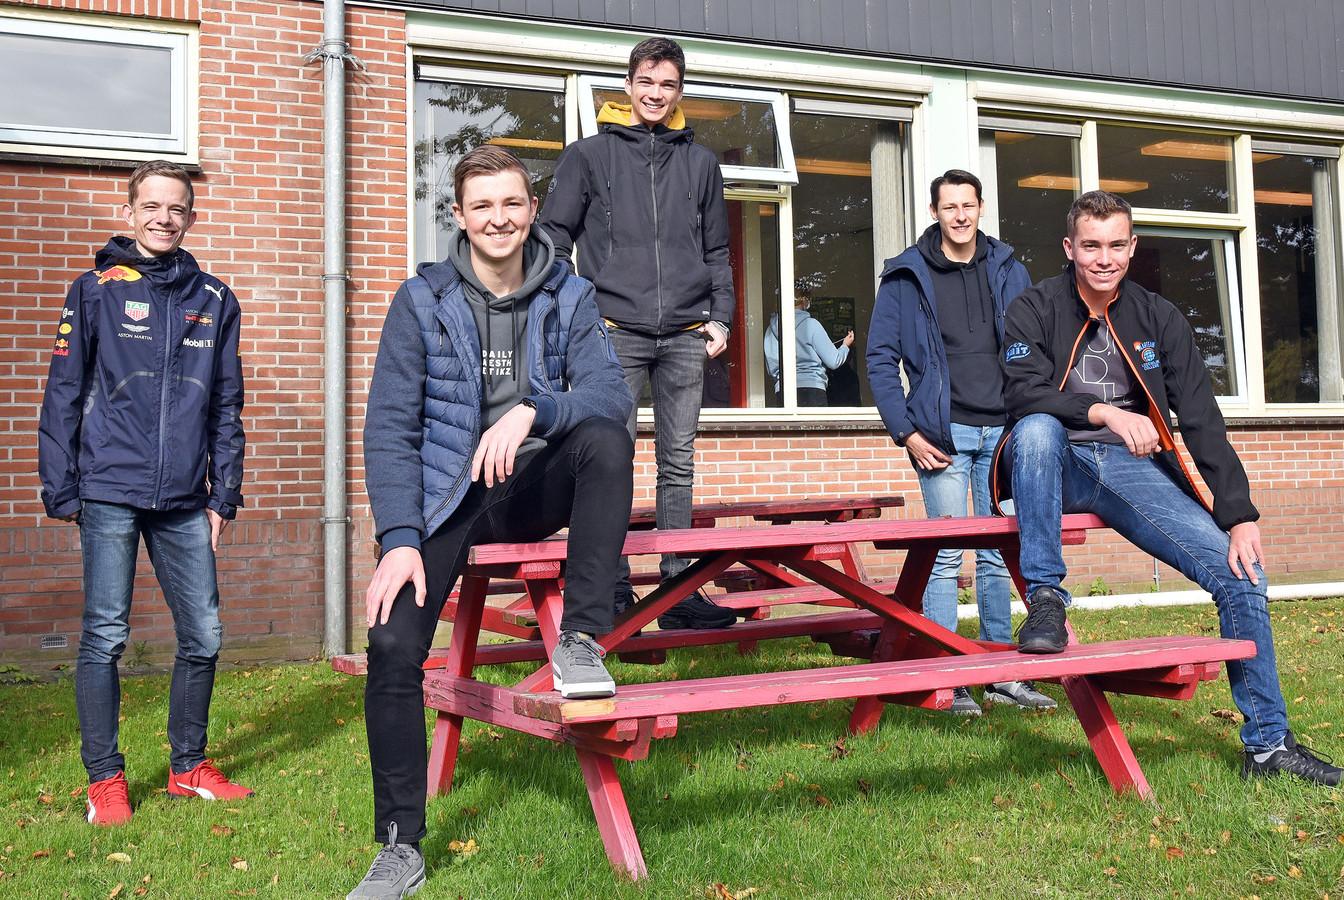 Leerlingen Niek, Lars, Leon, Karsten en Jarno (vlnr) van het Lodewijk College en Scalda zijn gek van autosport en willen een elektrische raceauto bouwen. Op de foto ontbreekt Lars Pieters, leerling van het Reynaertcollege in Hulst.